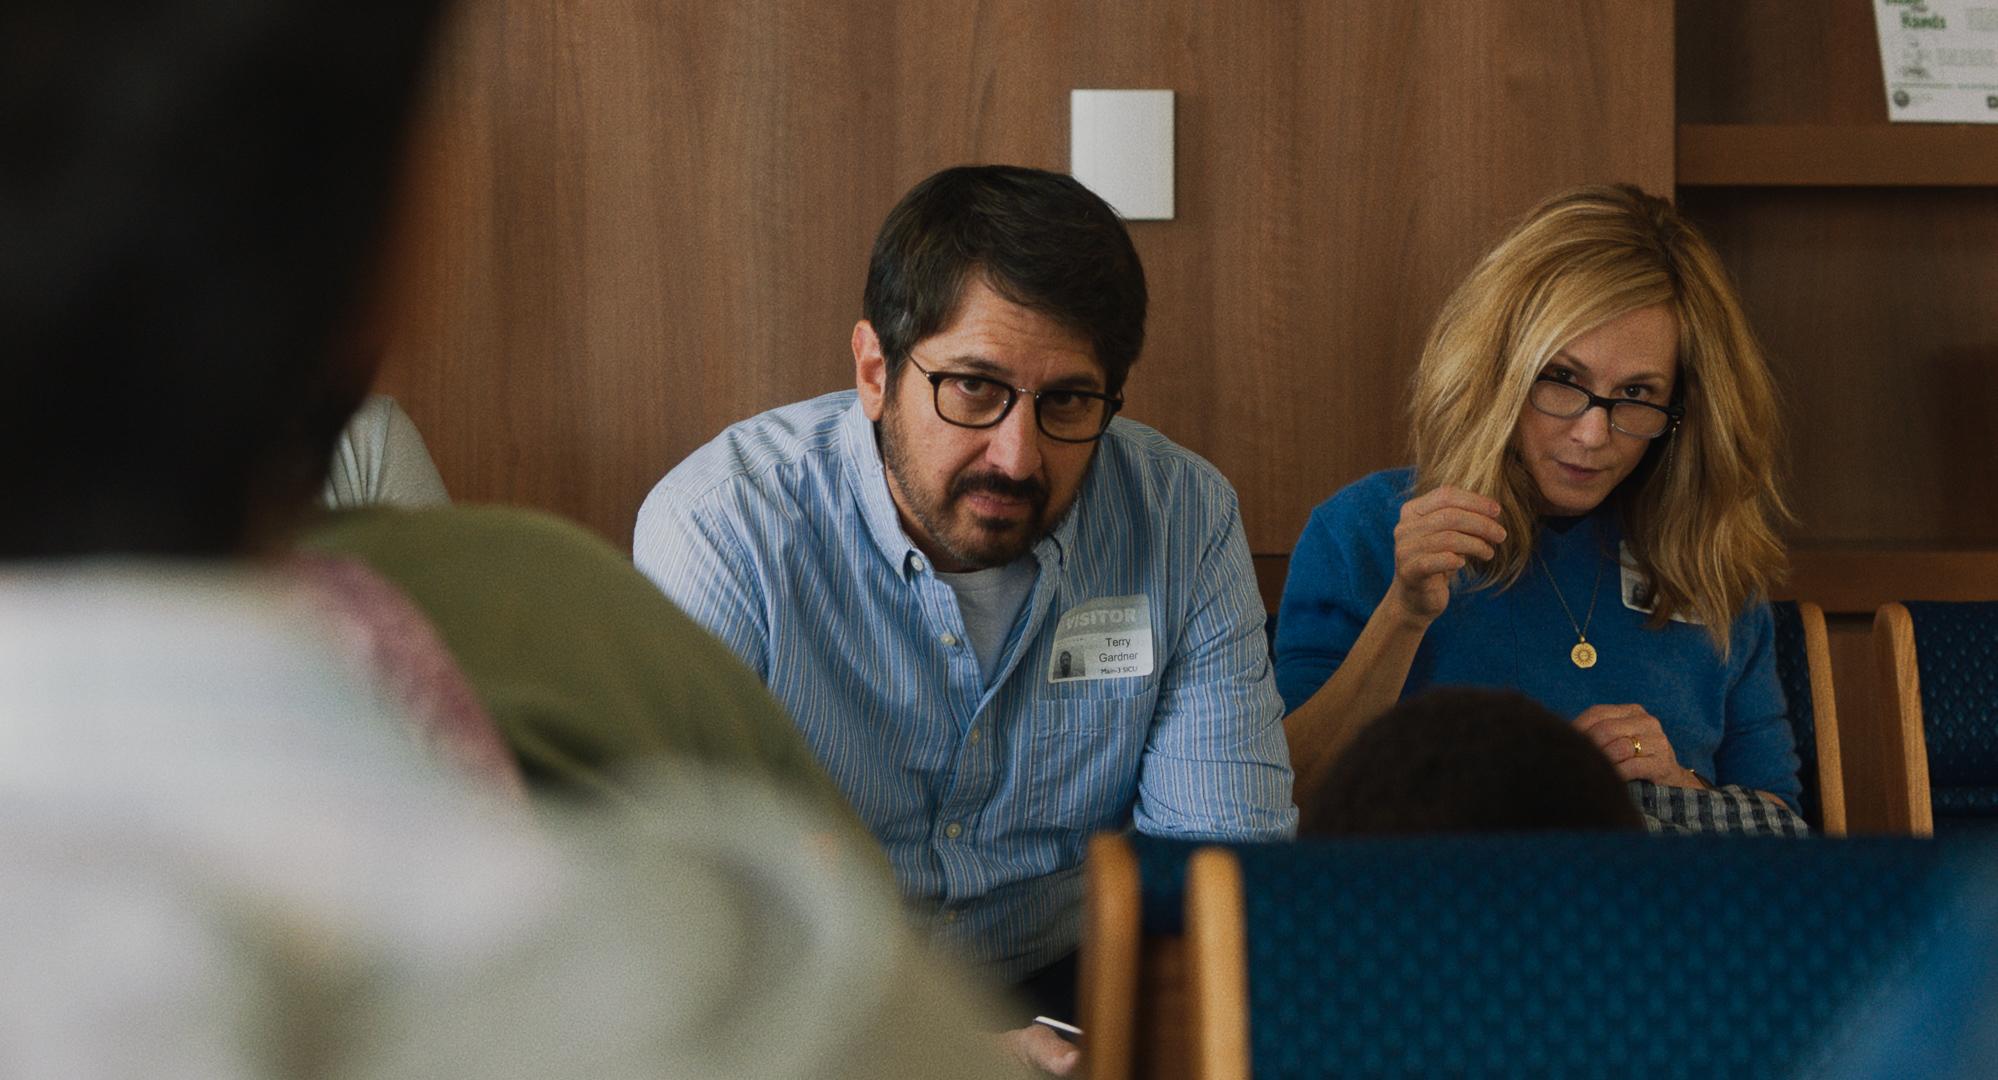 Imagem de Doentes de Amor mostra Terry (Ray Romano) e Beth (Holly Hunter) em uma sala de espera. Beth está tricotando.